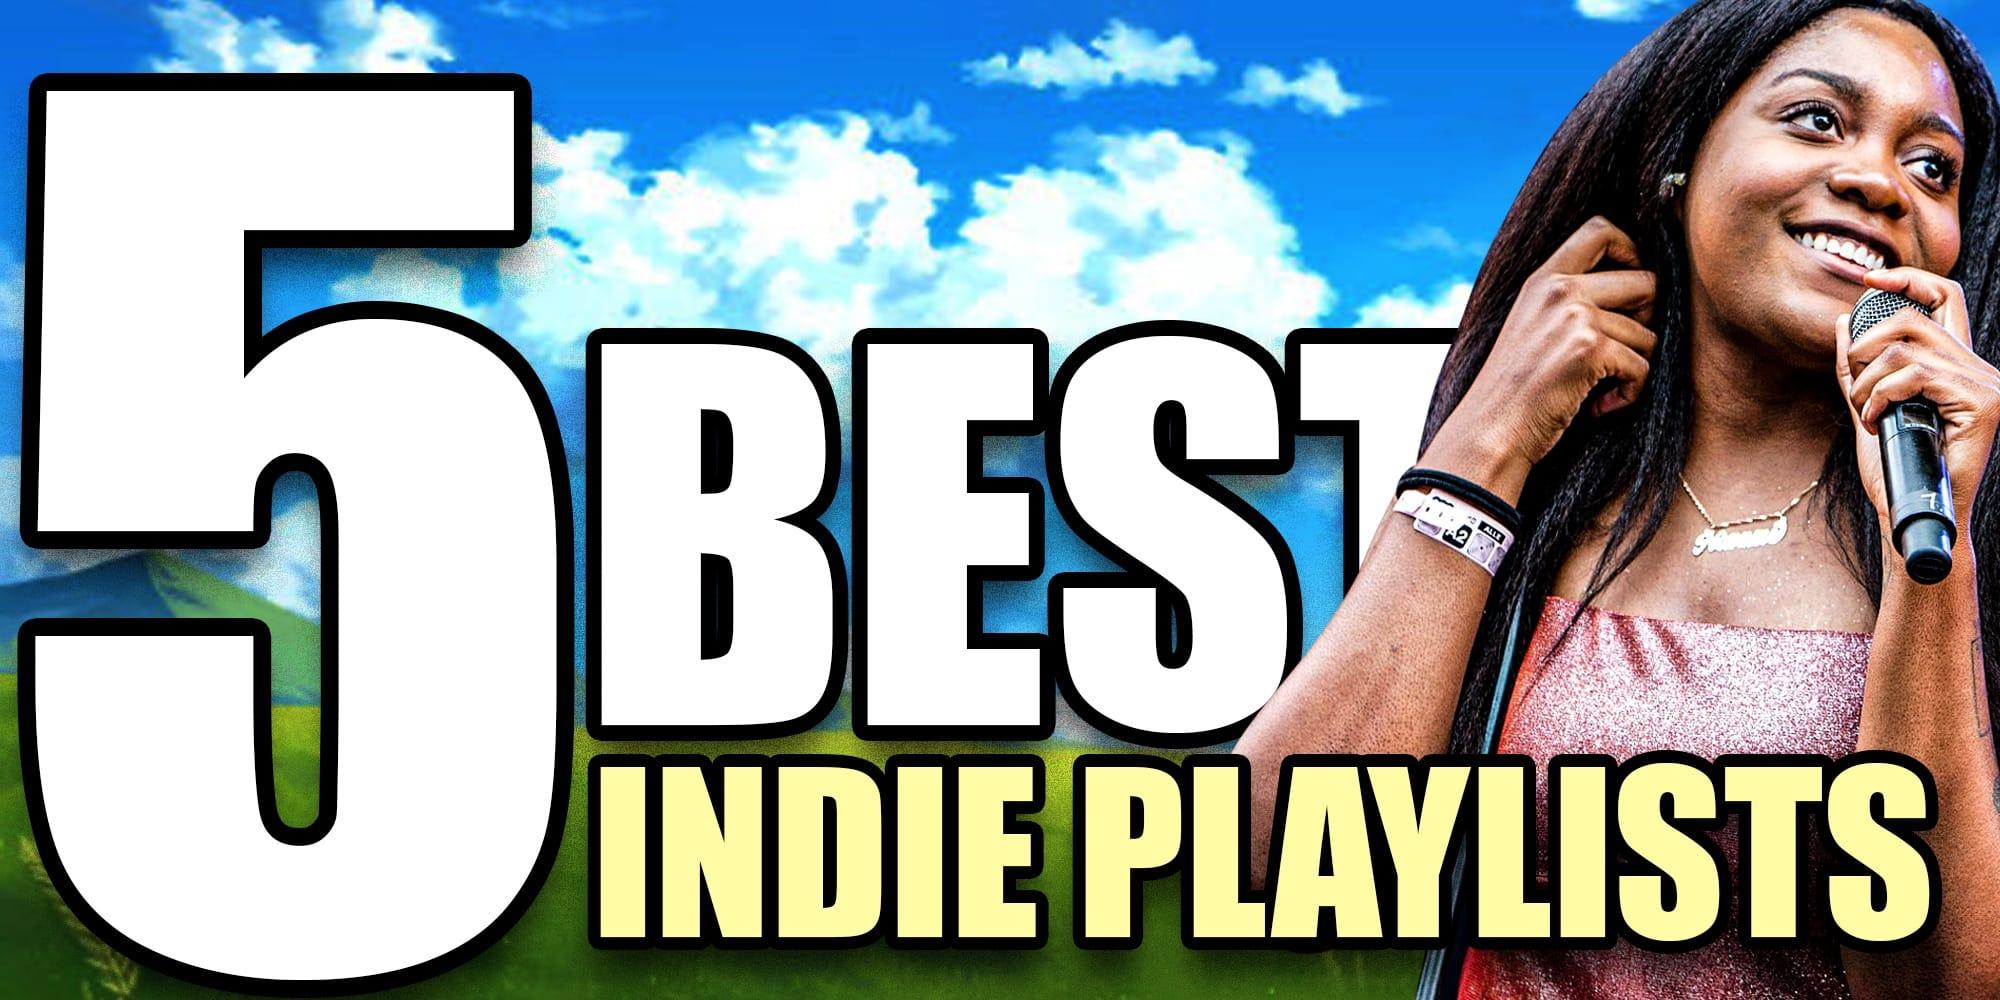 5 best indie playlists